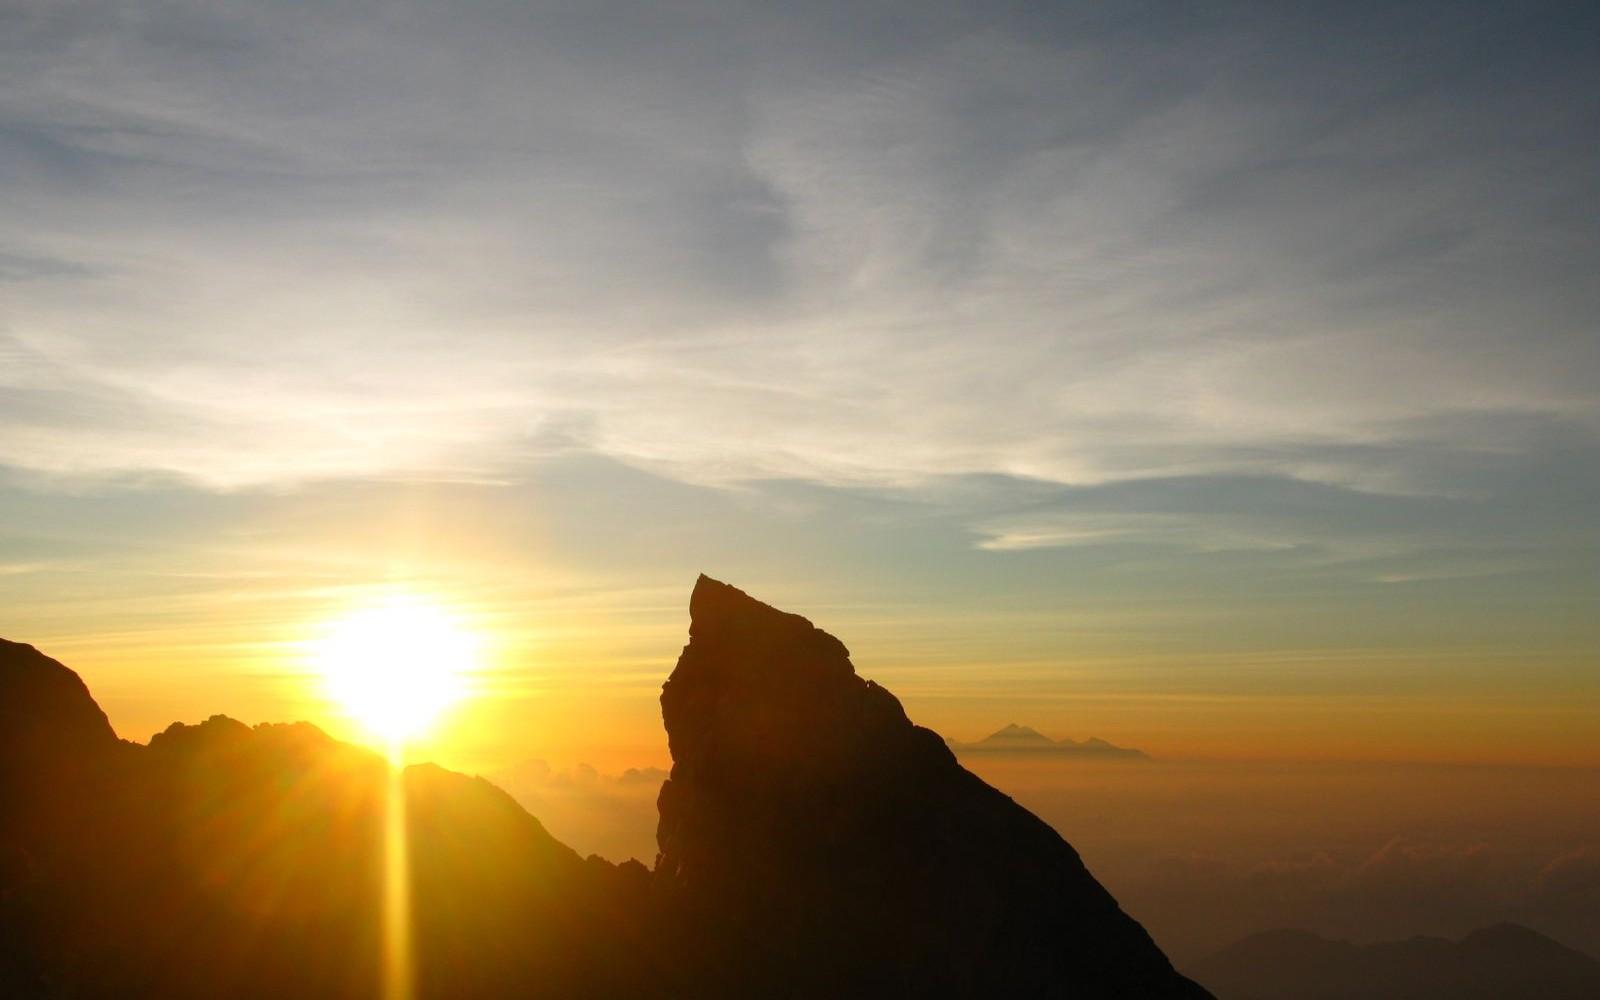 3 for 30 Part 2: Gunung Agung, Indonesia